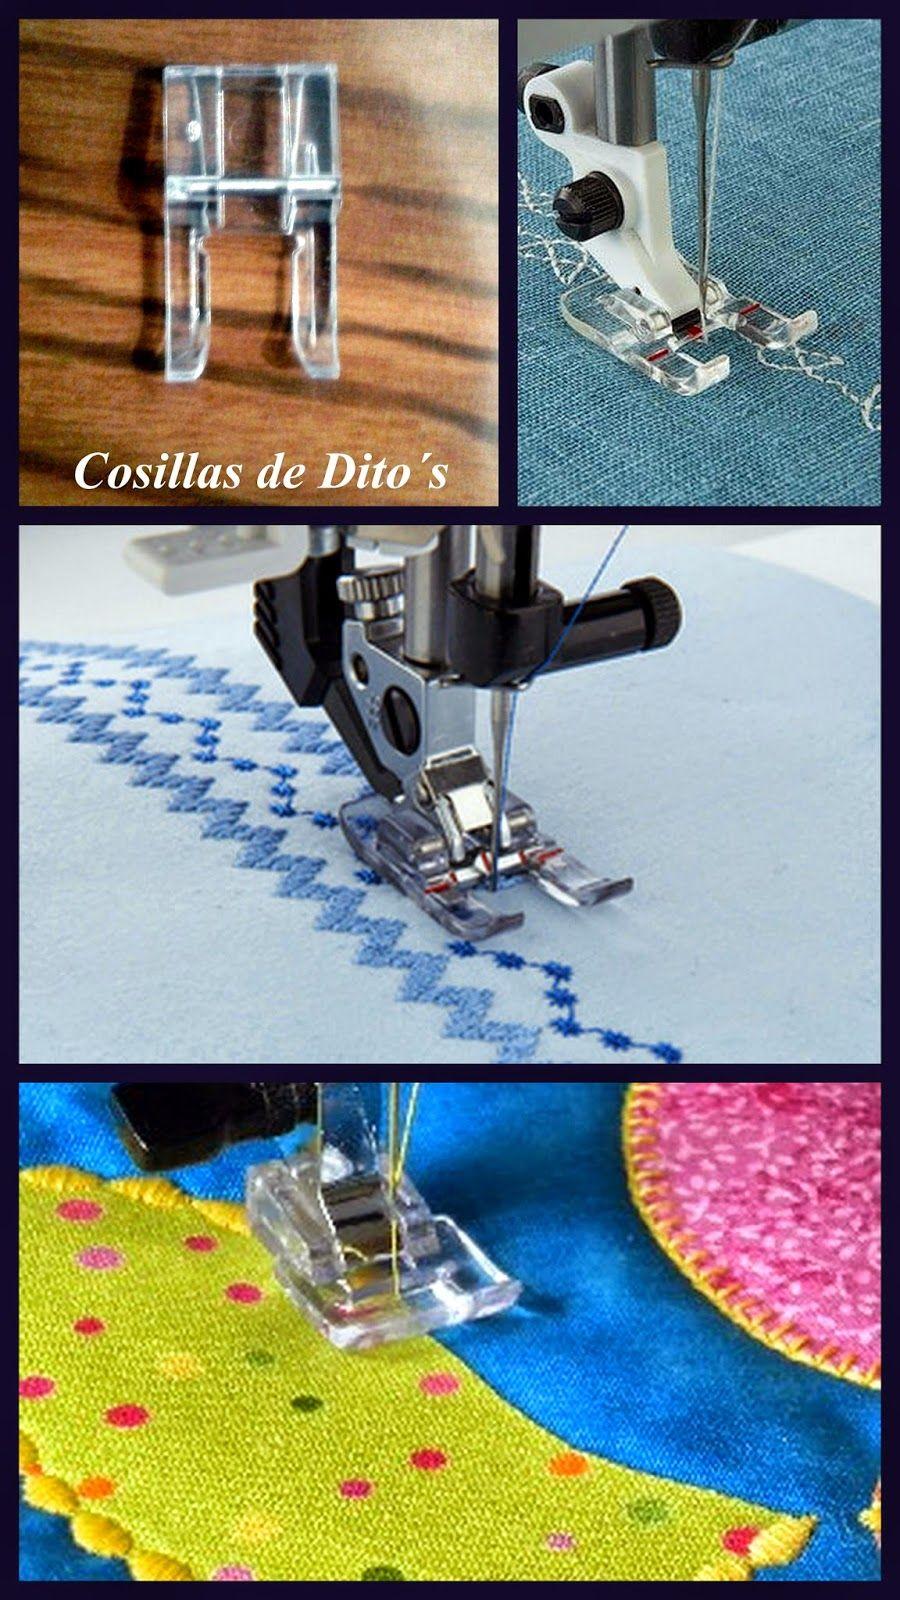 Nombres Alternativos En Ingles Blanked Stitch Presser Foot Applique Foot Open Toe F Accesorios De Costura Proyectos De Coser A Mano Reglas De Costura